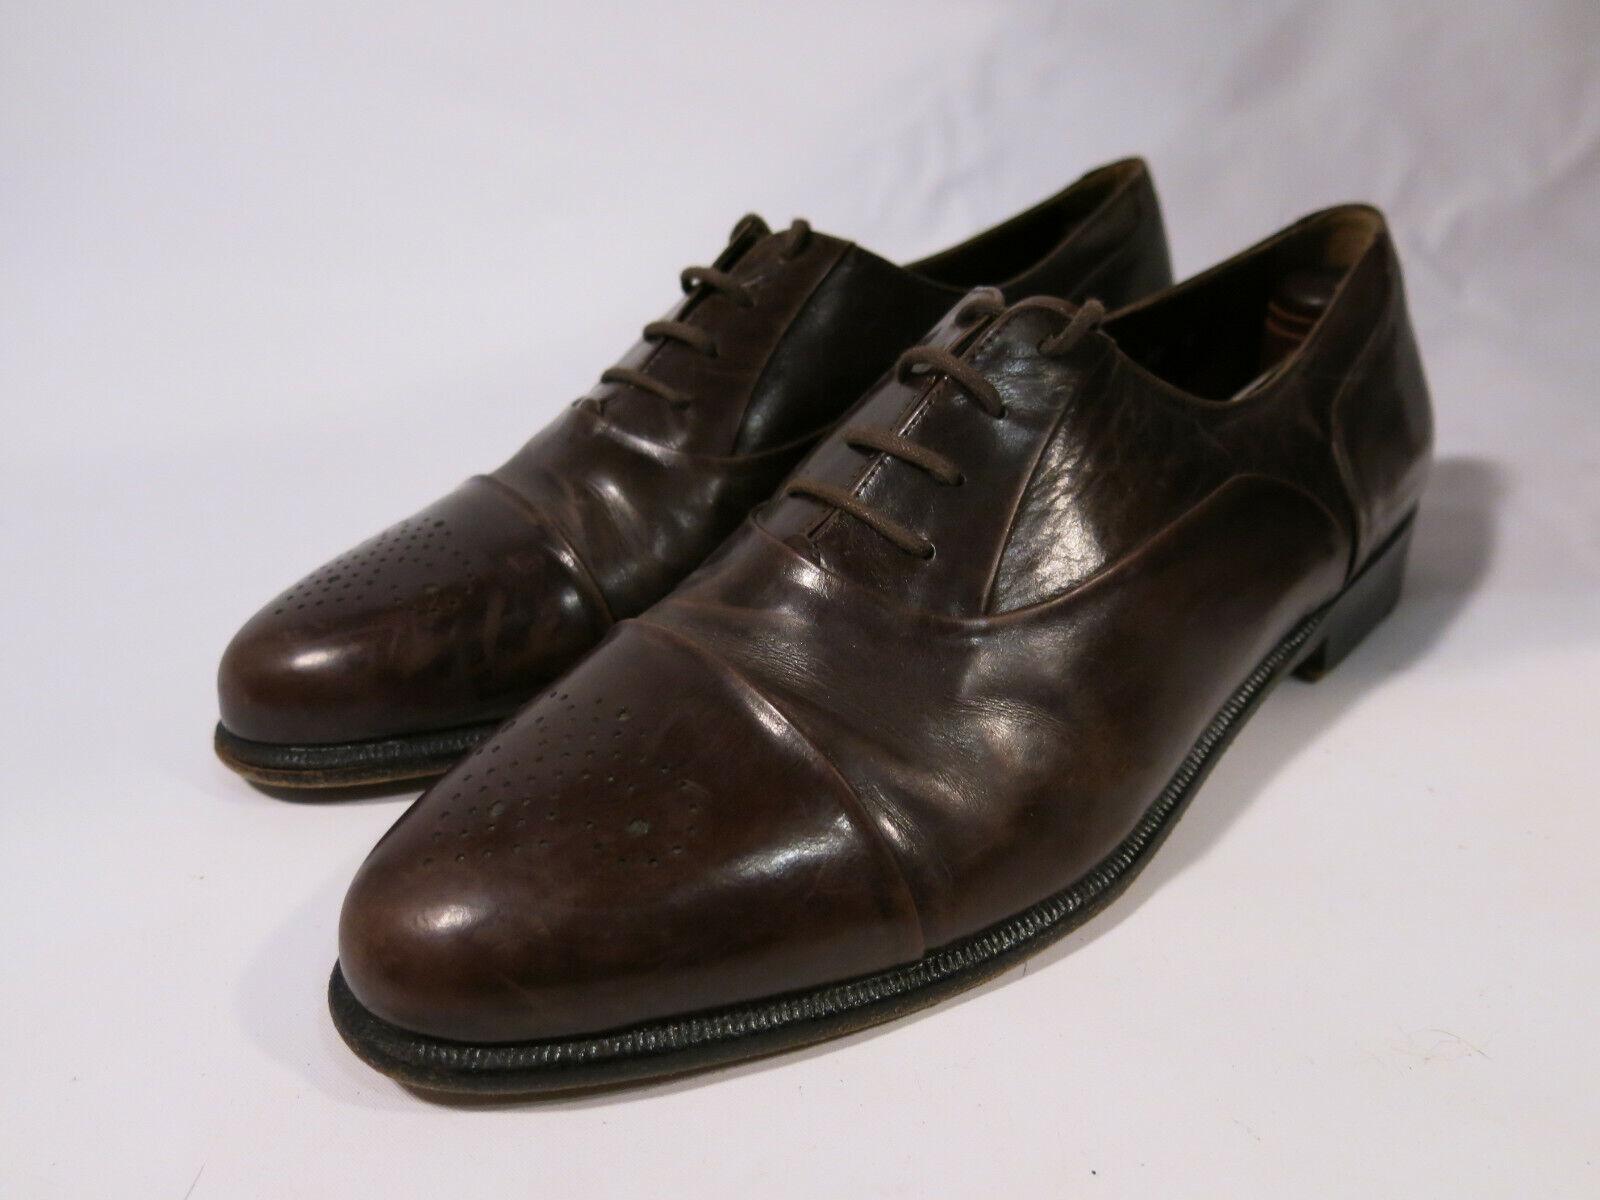 Santoni Mens 9 D Made in  Marronee Brogue Medallion  Cap Toe Oxfords scarpe  acquista la qualità autentica al 100%